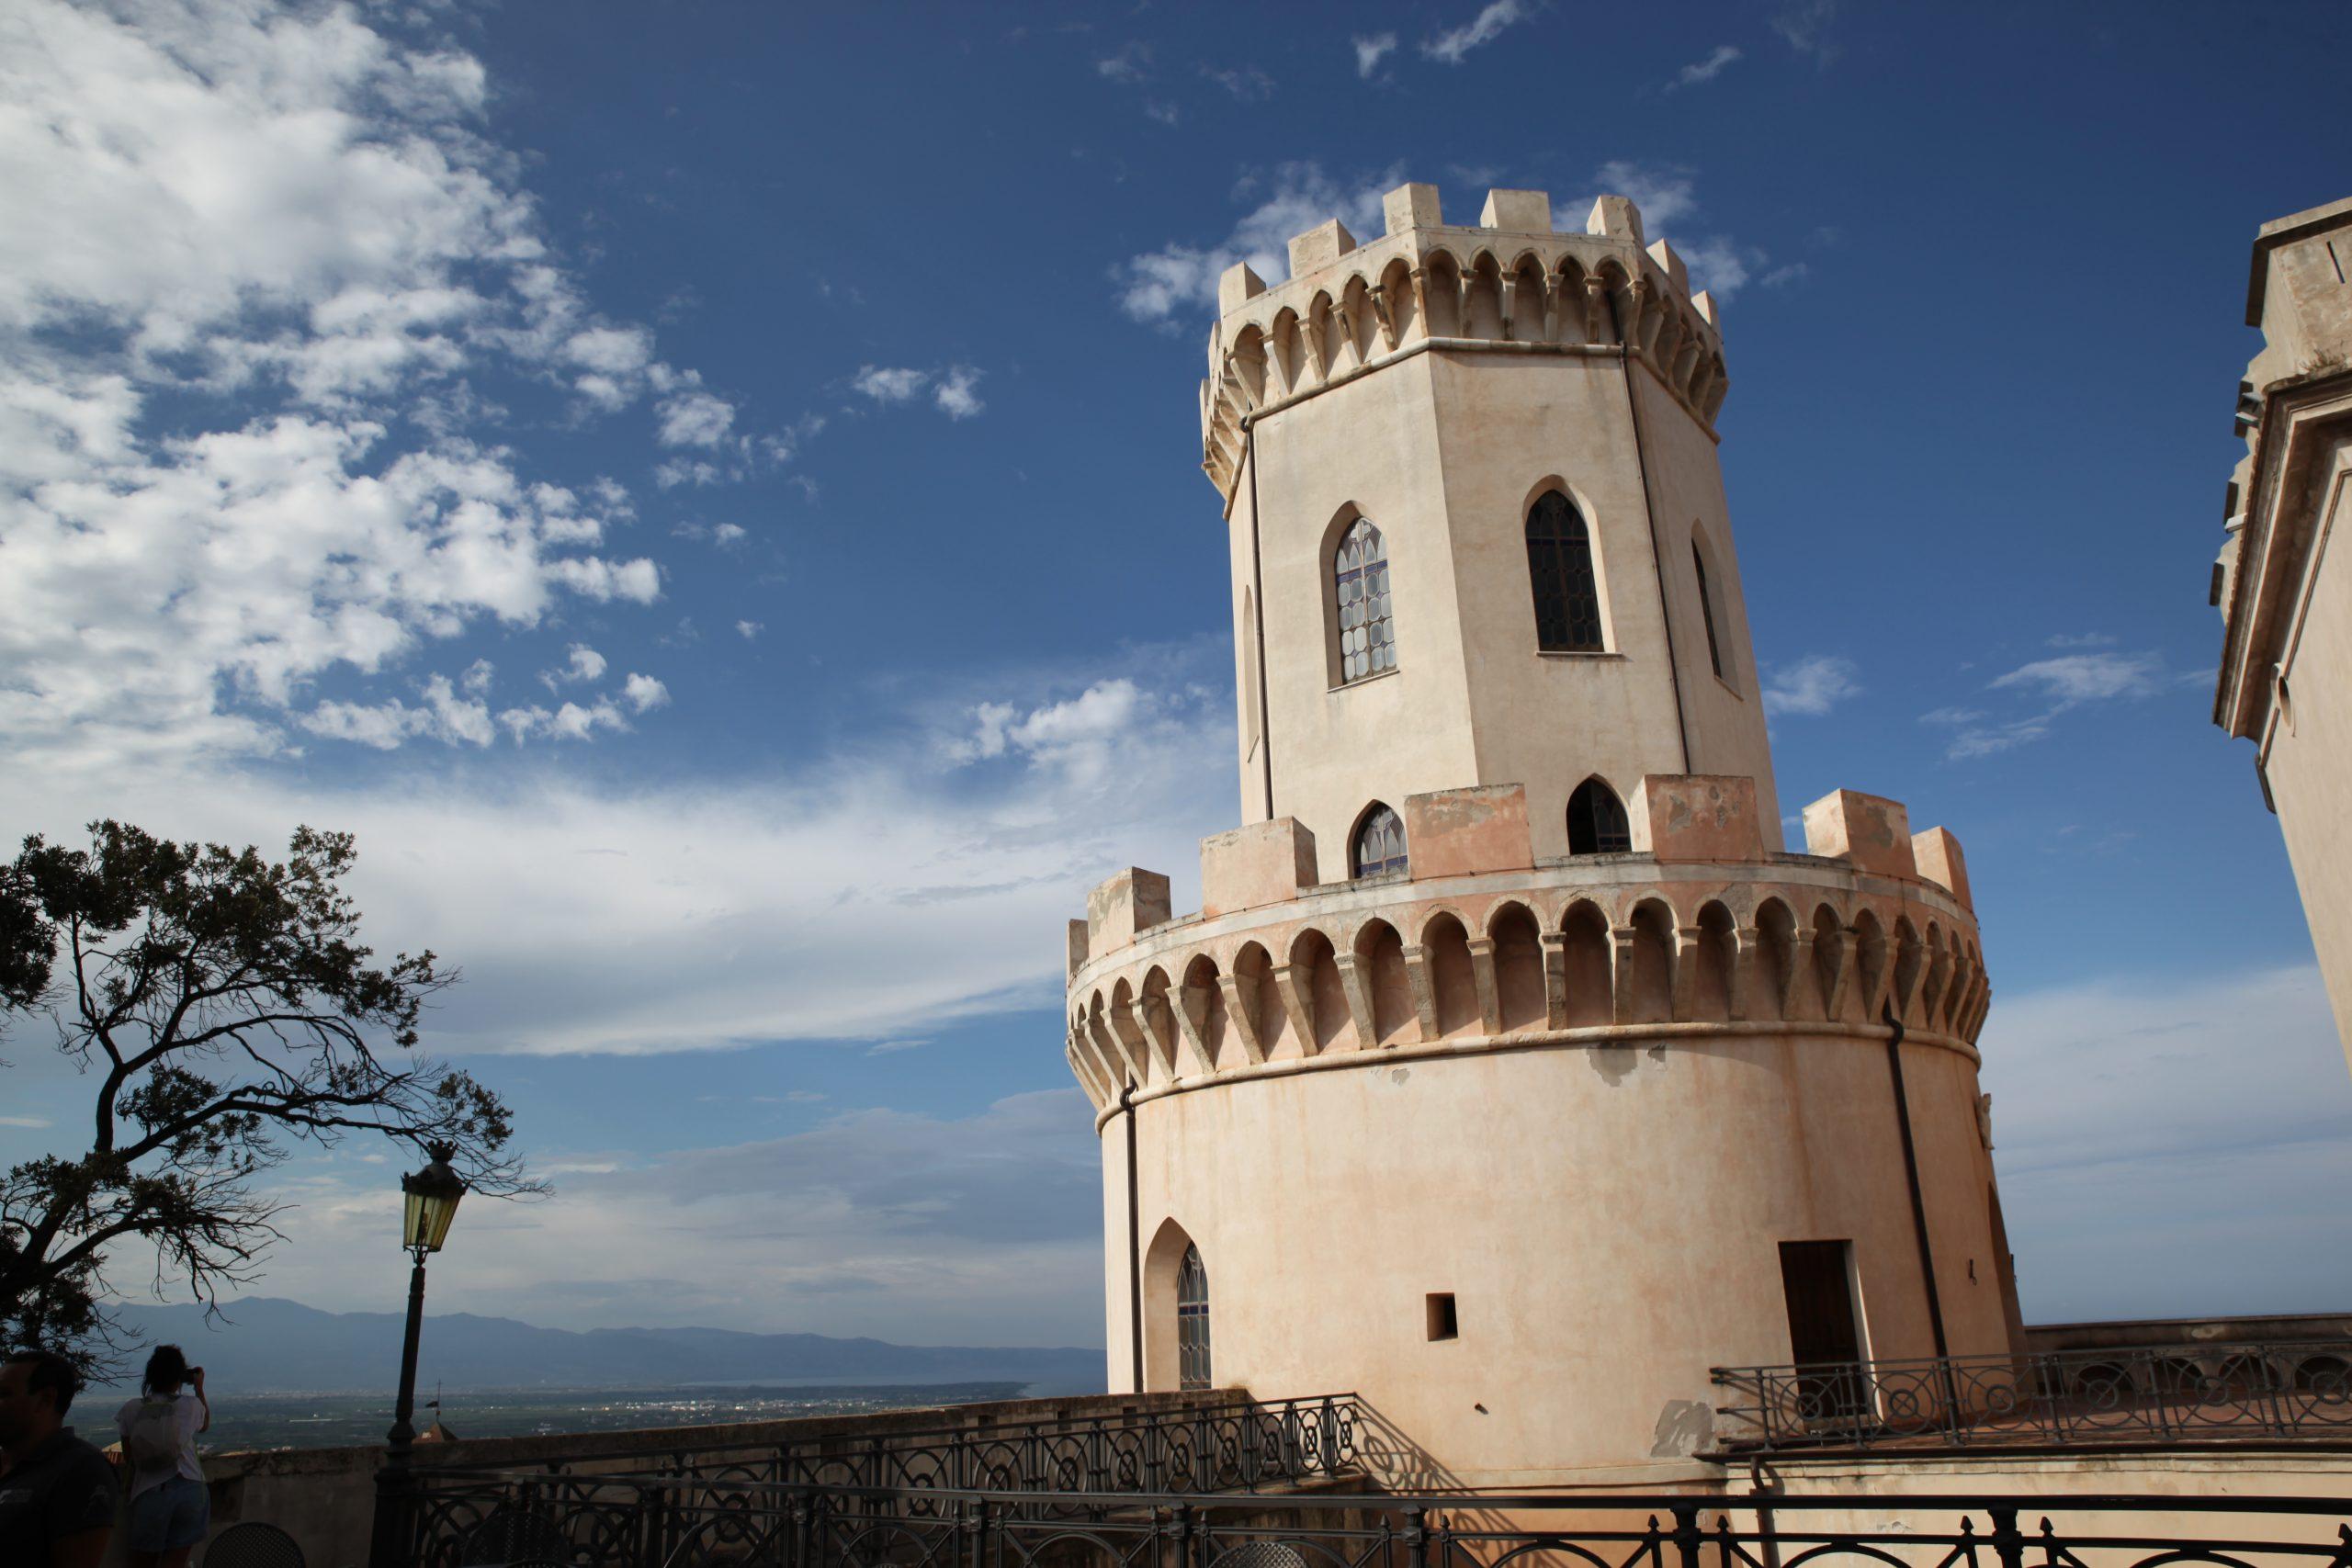 Castello di Corigliano - Antica Biblioteca Corigliano Rossano